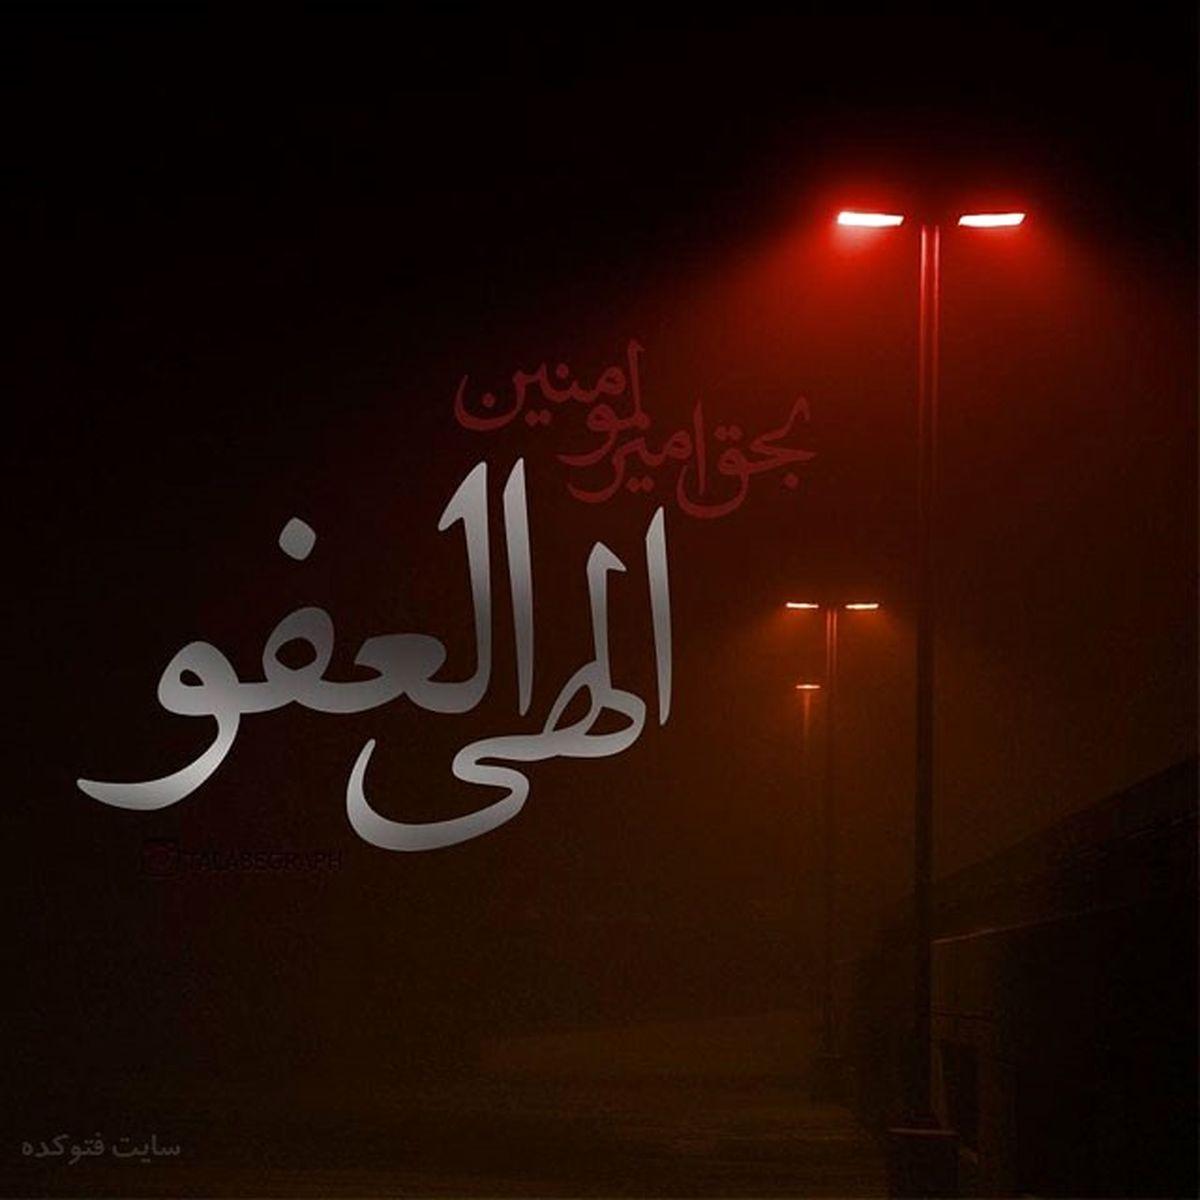 شب قدر | عکس پروفایل برای شب قدر + تصاویر